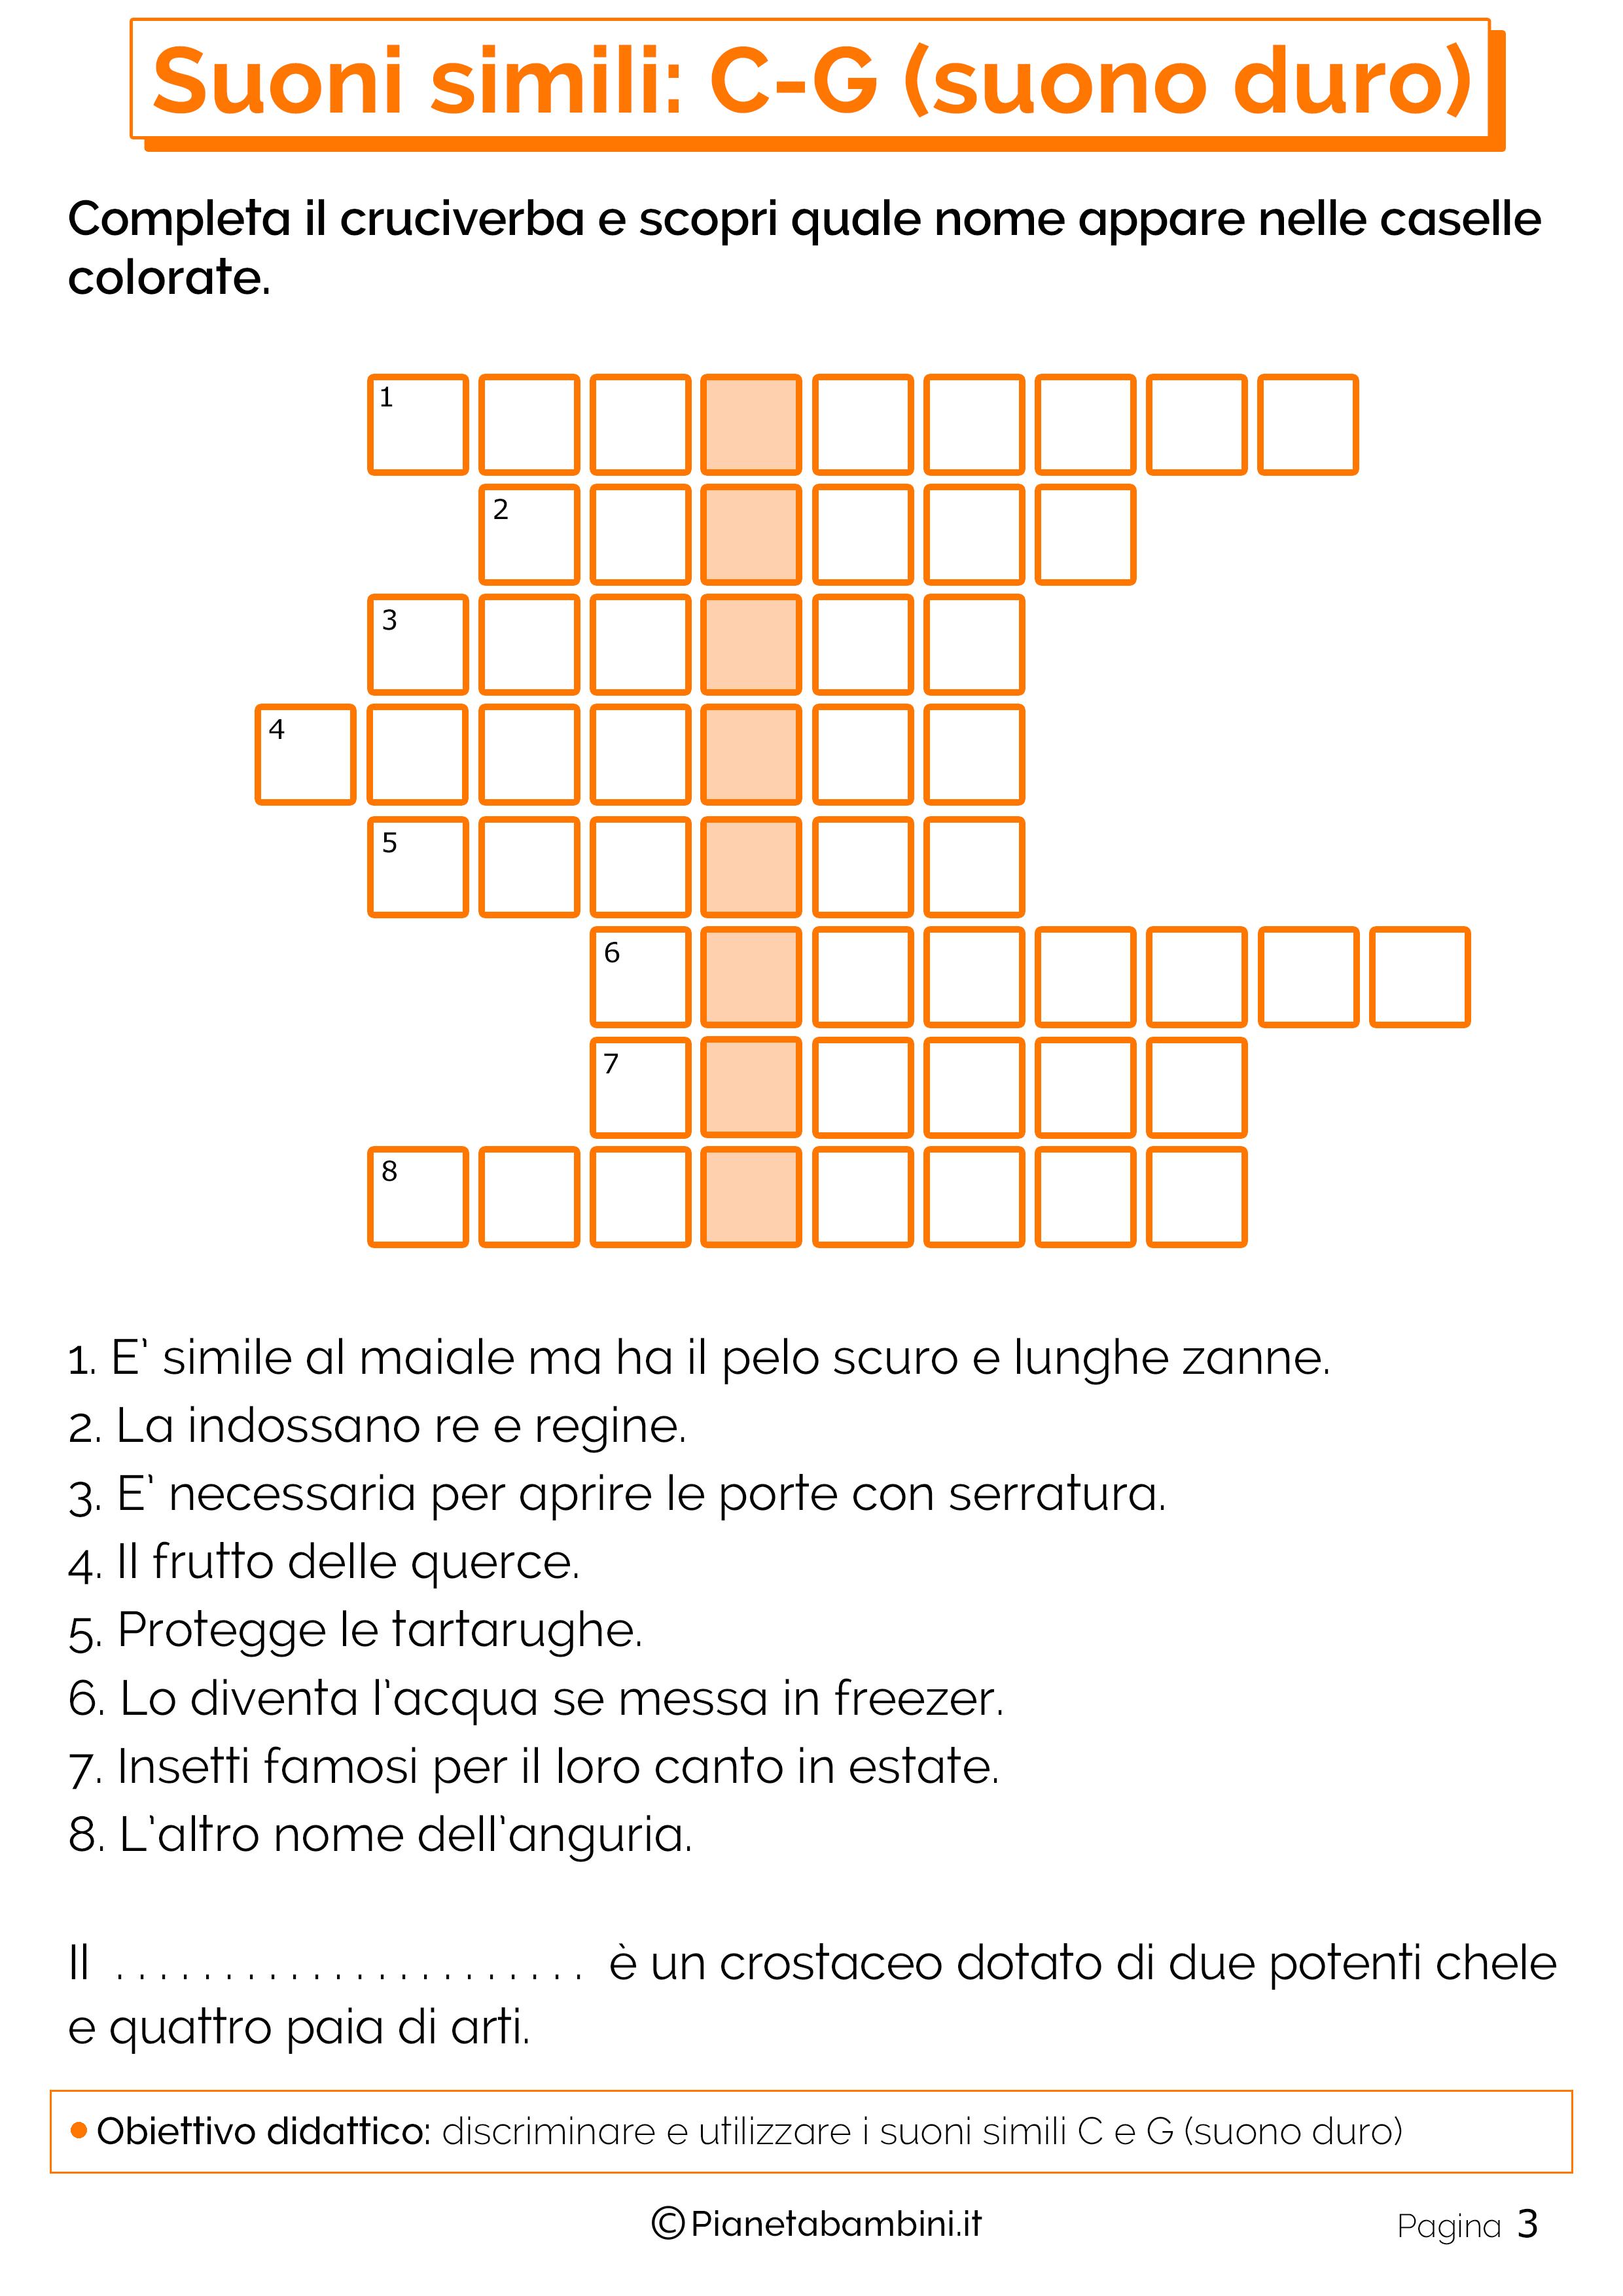 Schede didattiche C o G suono duro pagina 3